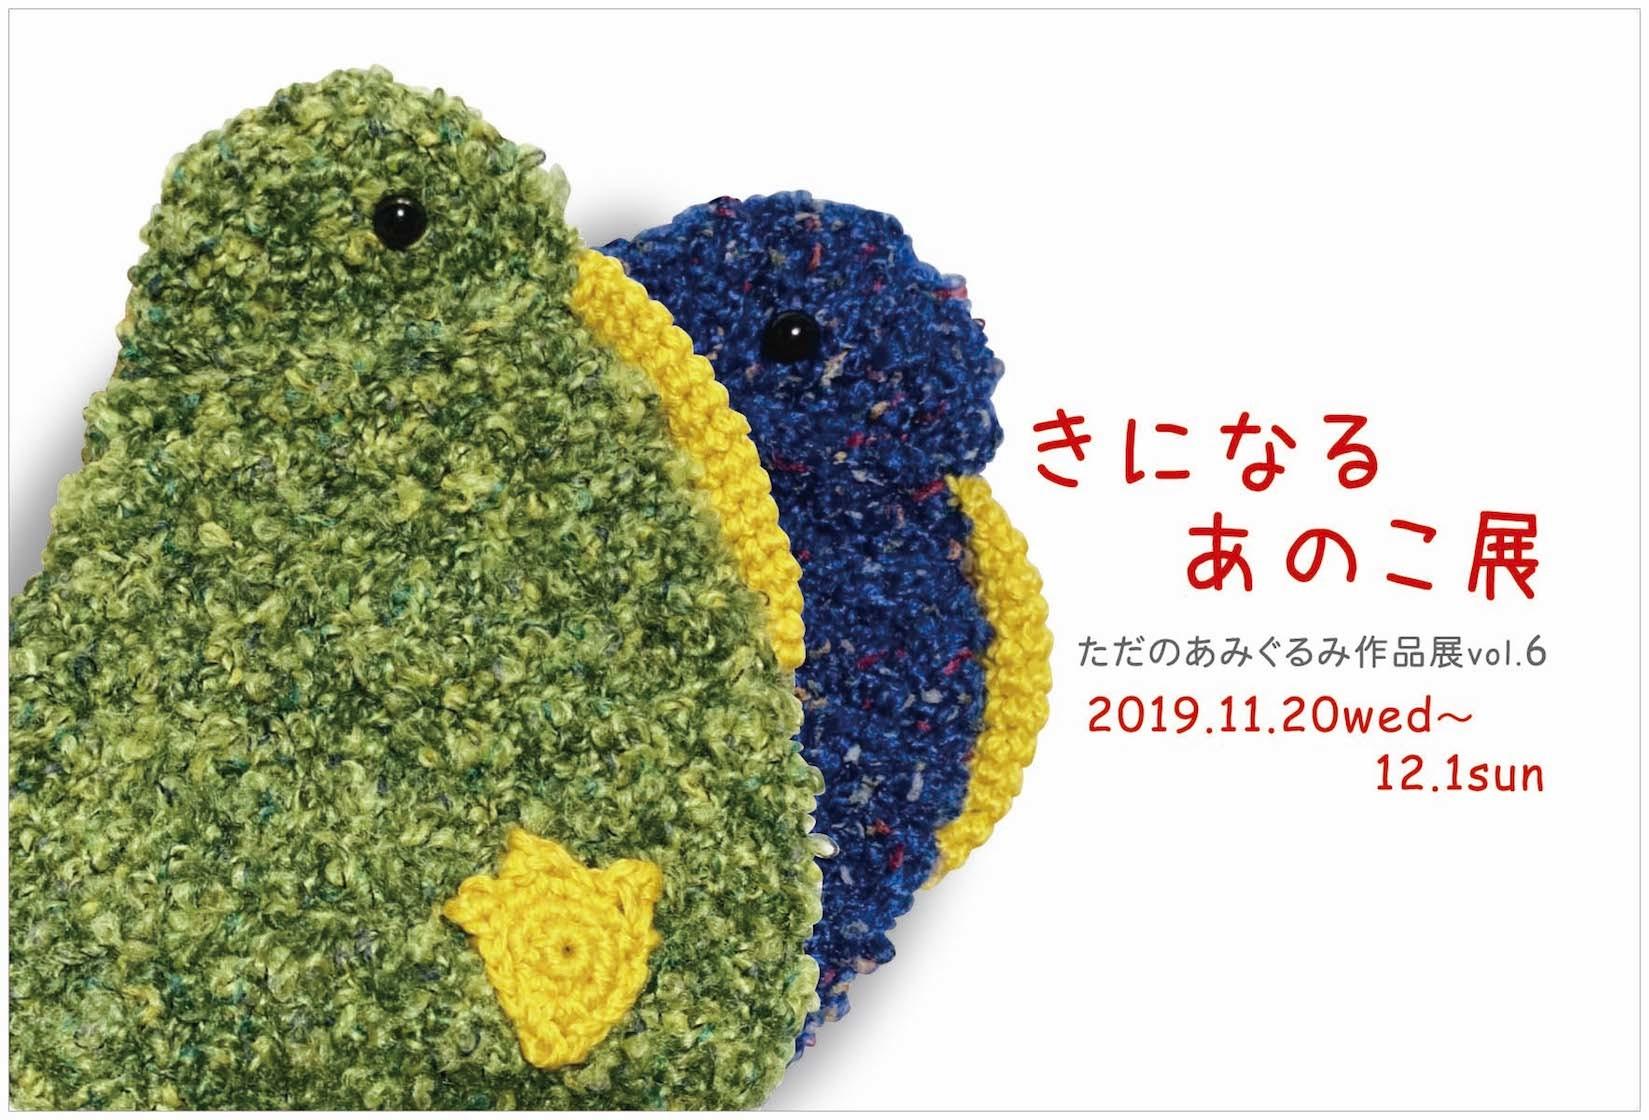 MotherTreeさん展示会【おかえり。】関西つうしんでの展示は11月3日(日)迄!インコと鳥の雑貨展始まりました_d0322493_23080224.jpg